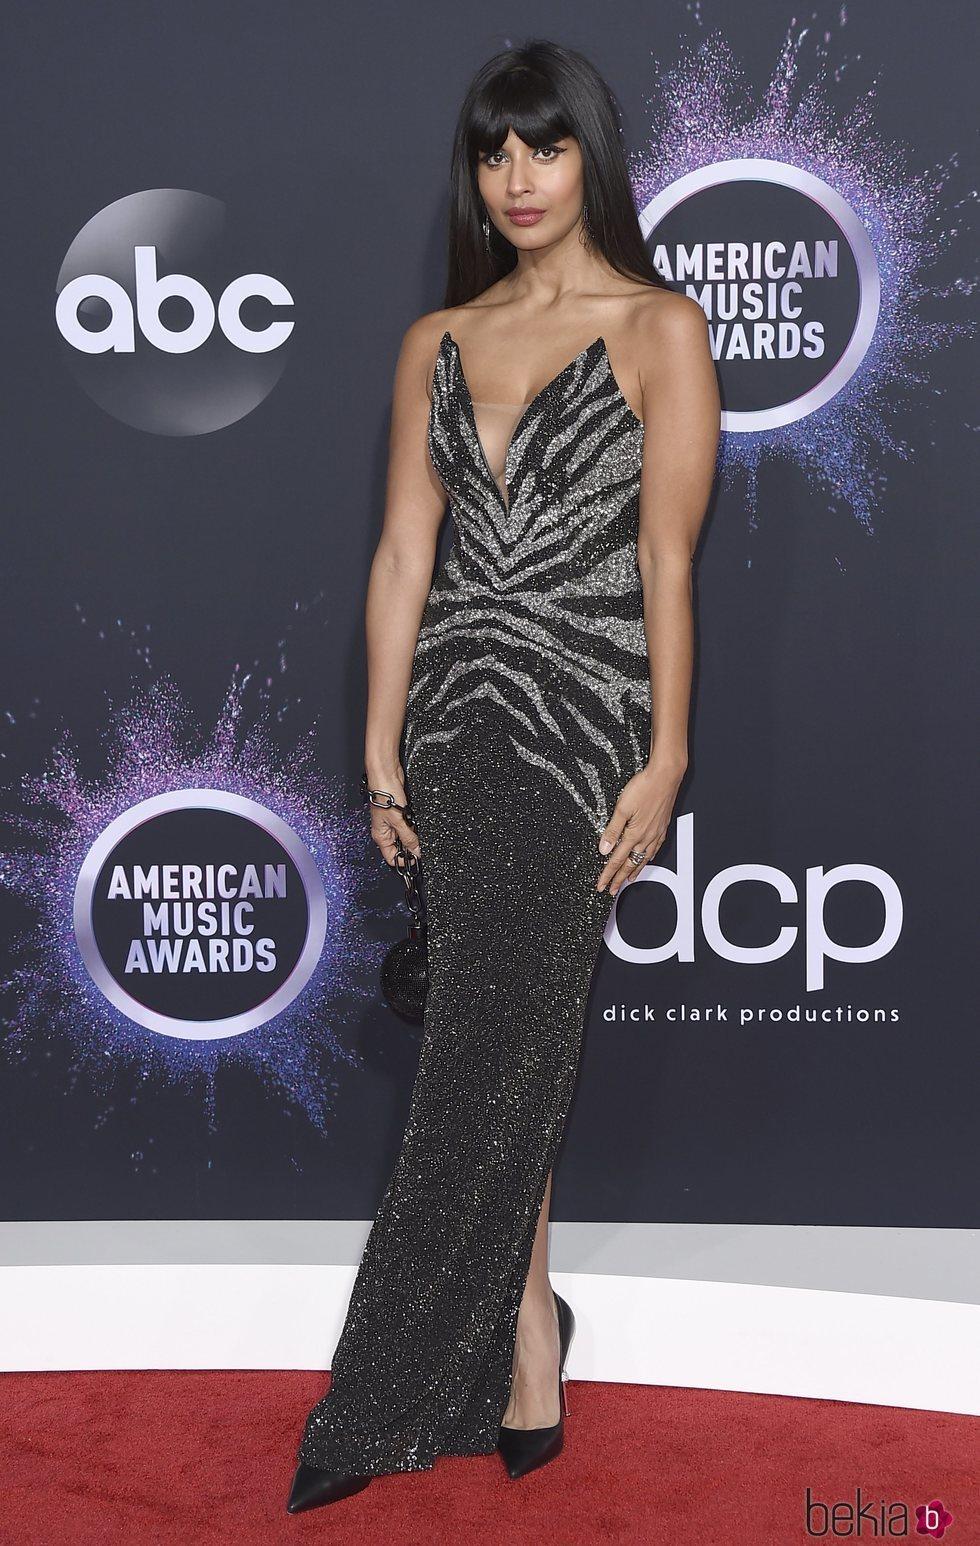 Jameela Jamil en la alfombra roja de los premios AMAs 2019